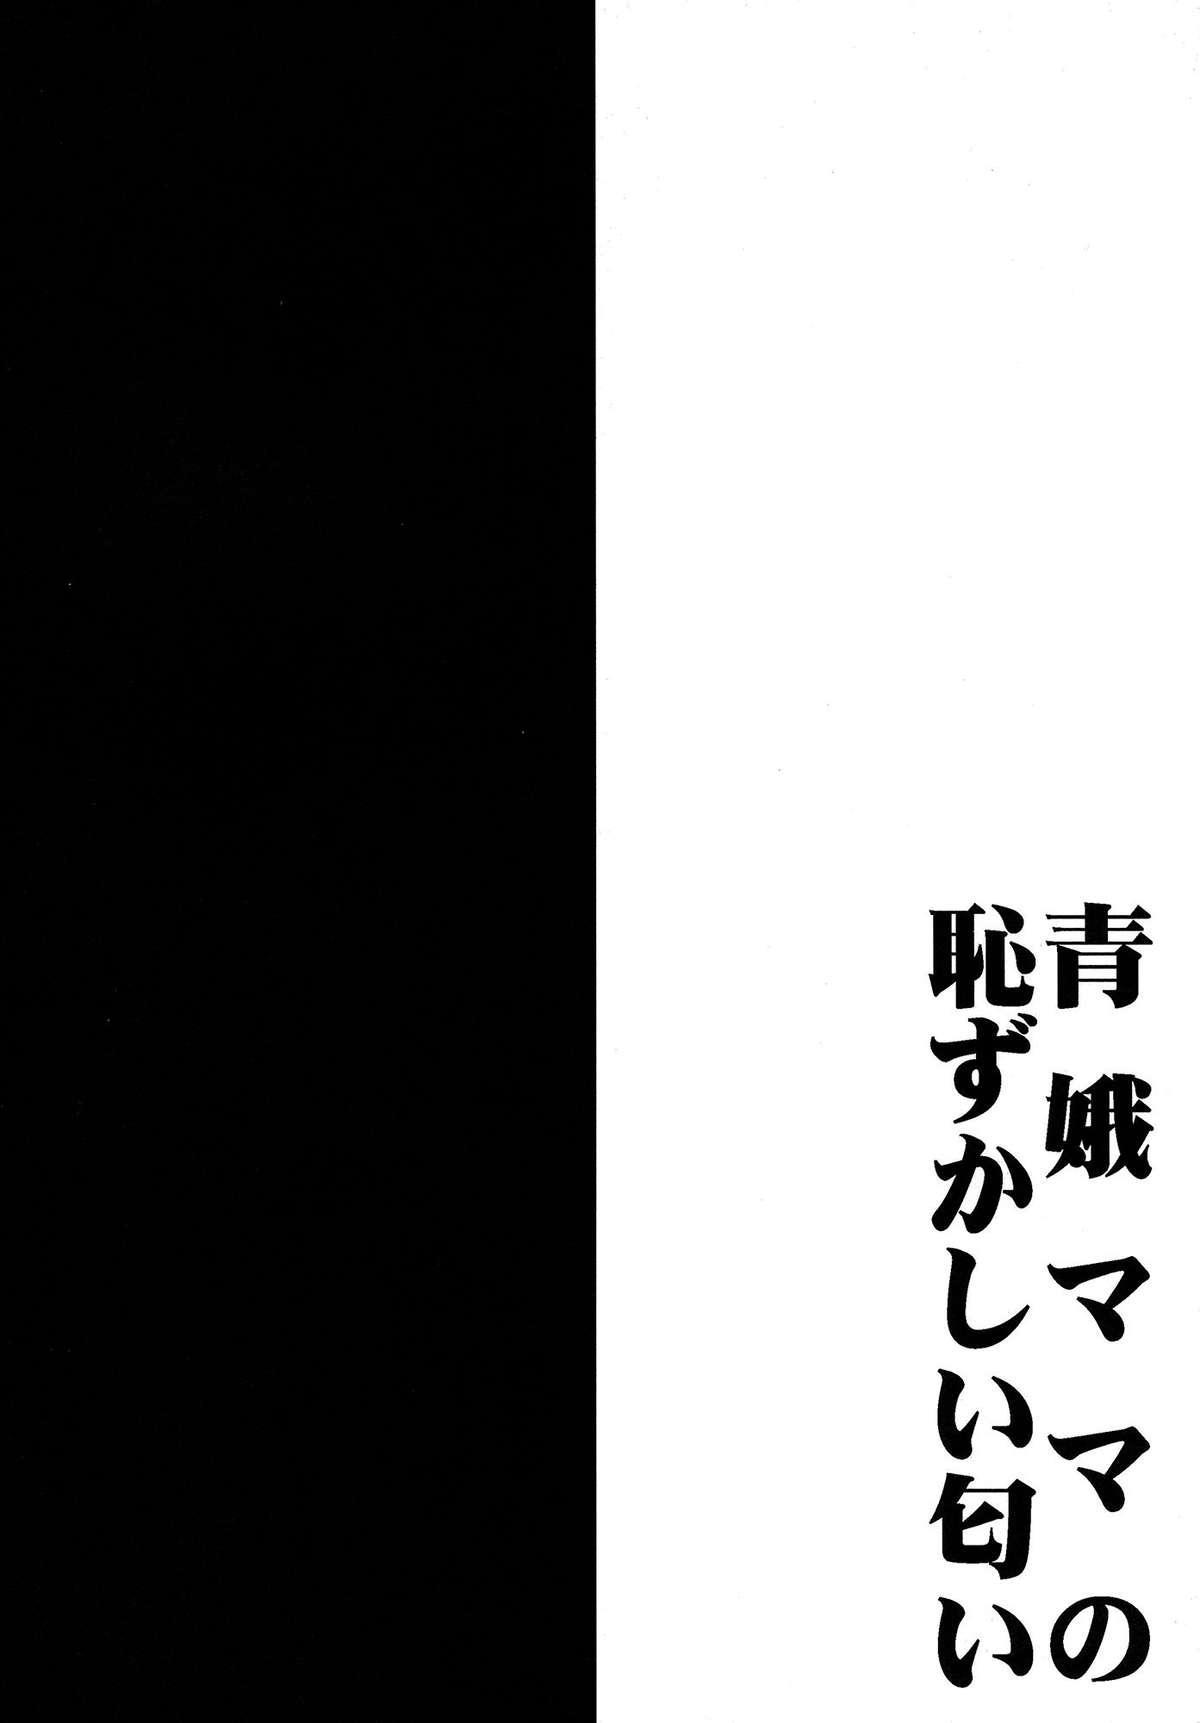 Seiga-mama no Hazukashii Nioi 2